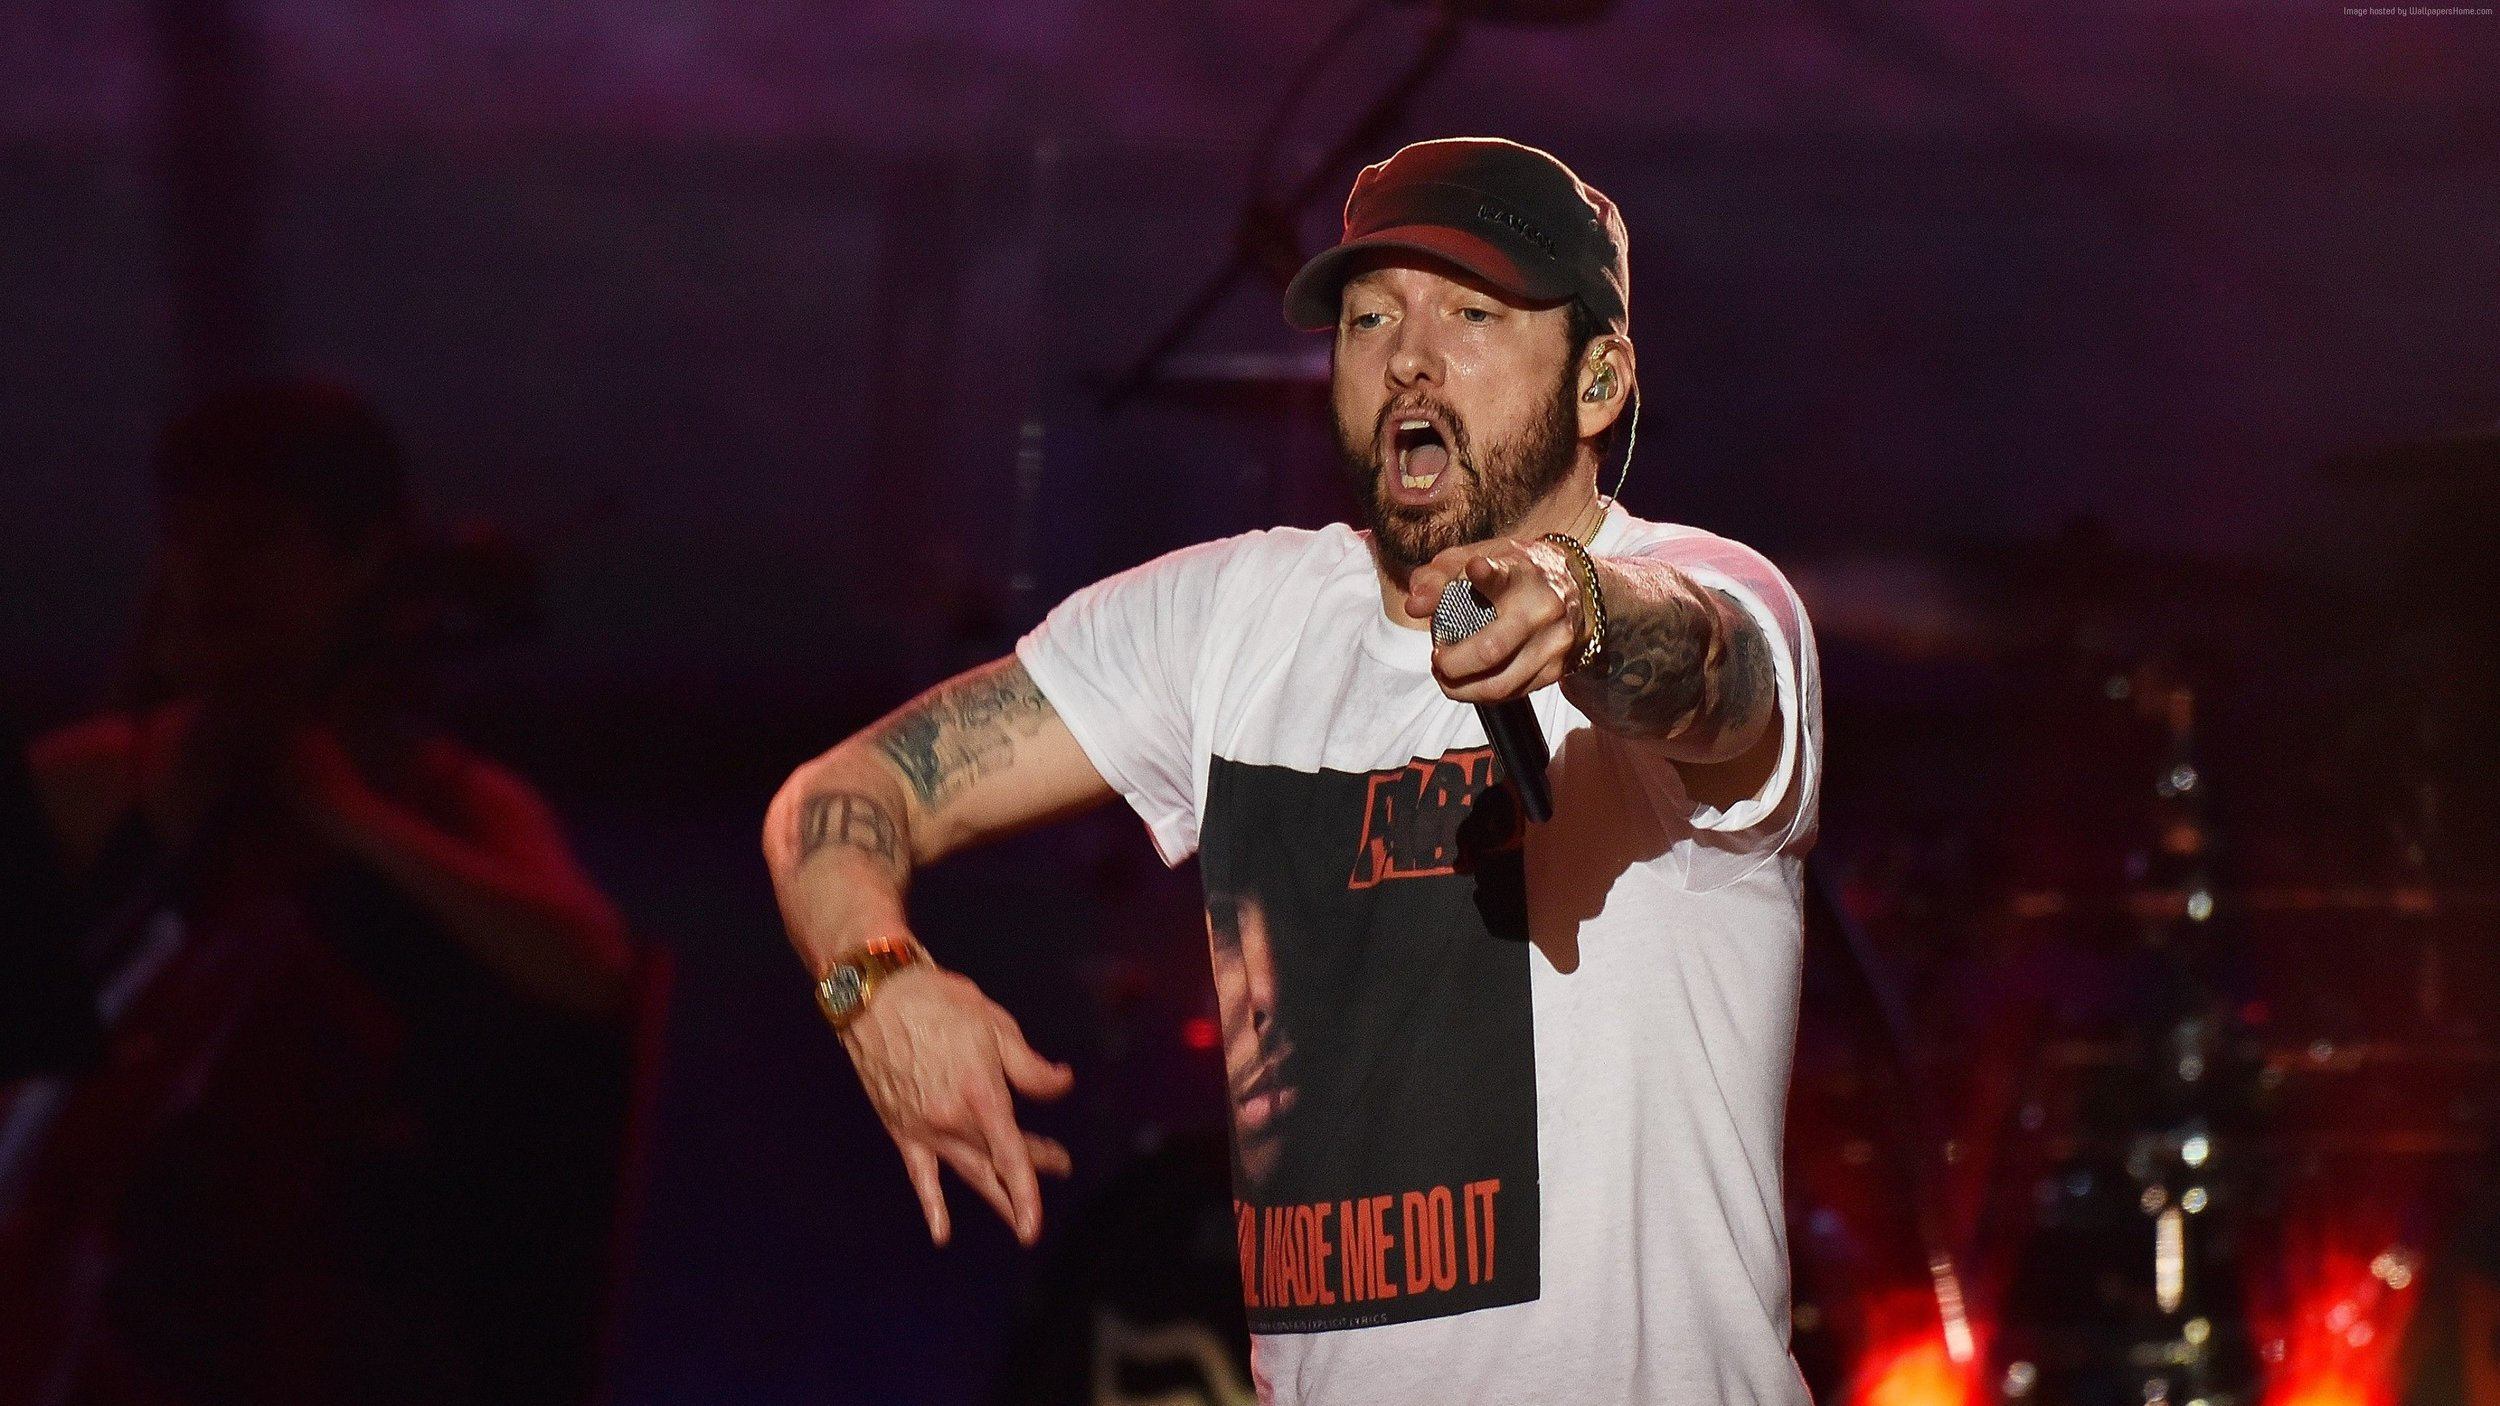 Photography: Eminem